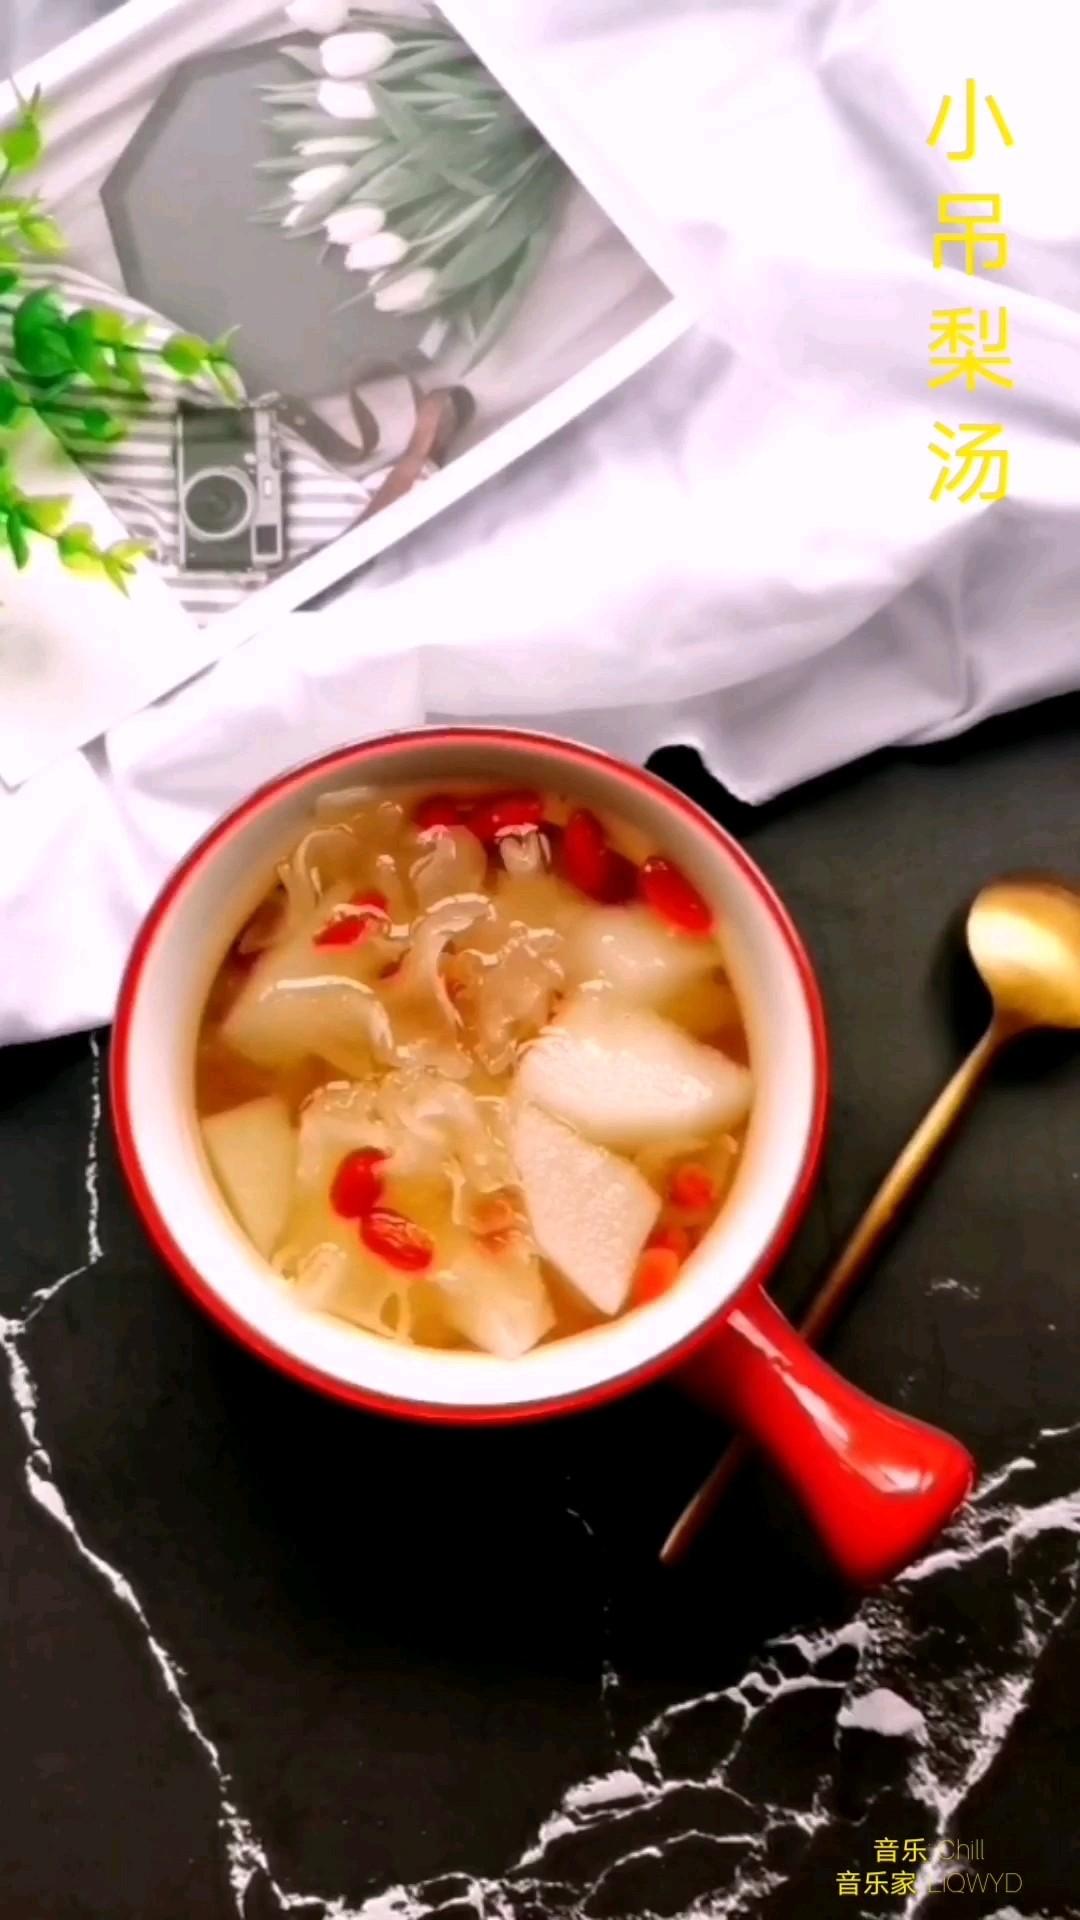 润燥去咳的小甜汤——小吊梨汤